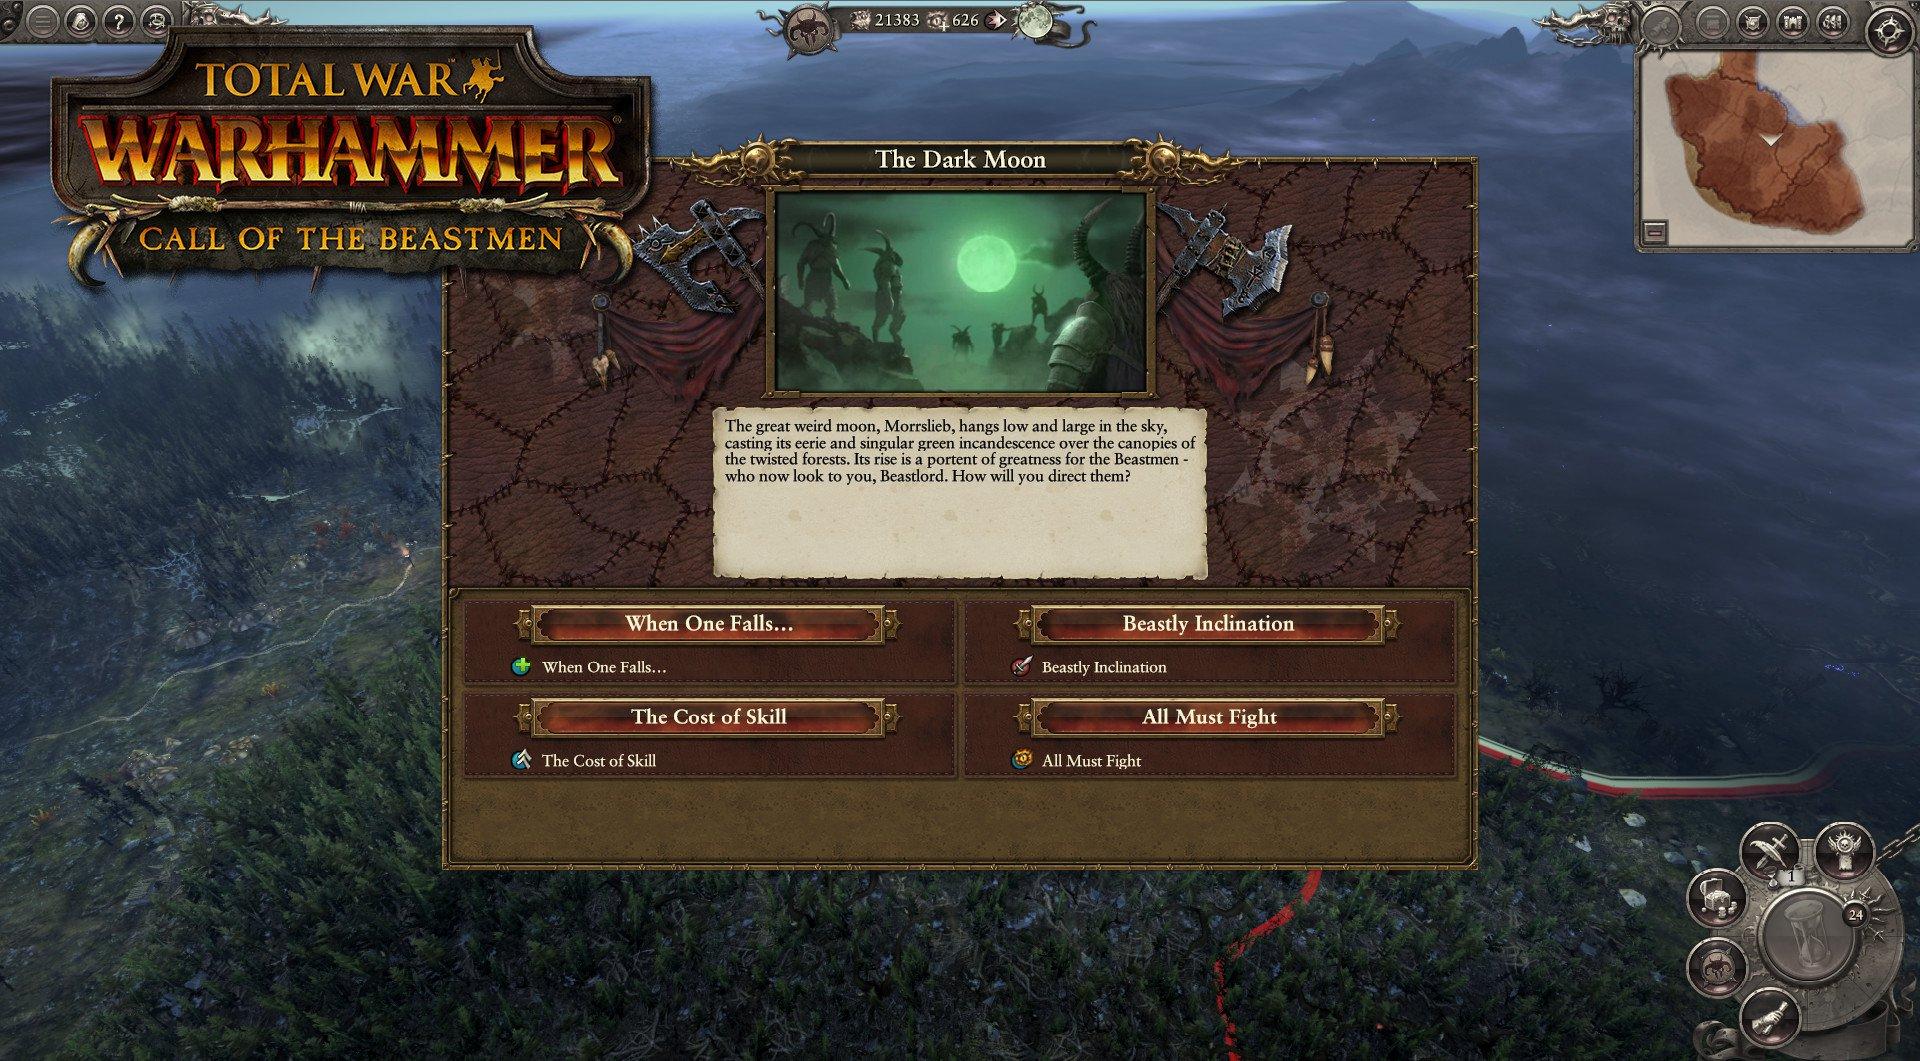 Total War WARHAMMER Call of the Beastmen DLC 7